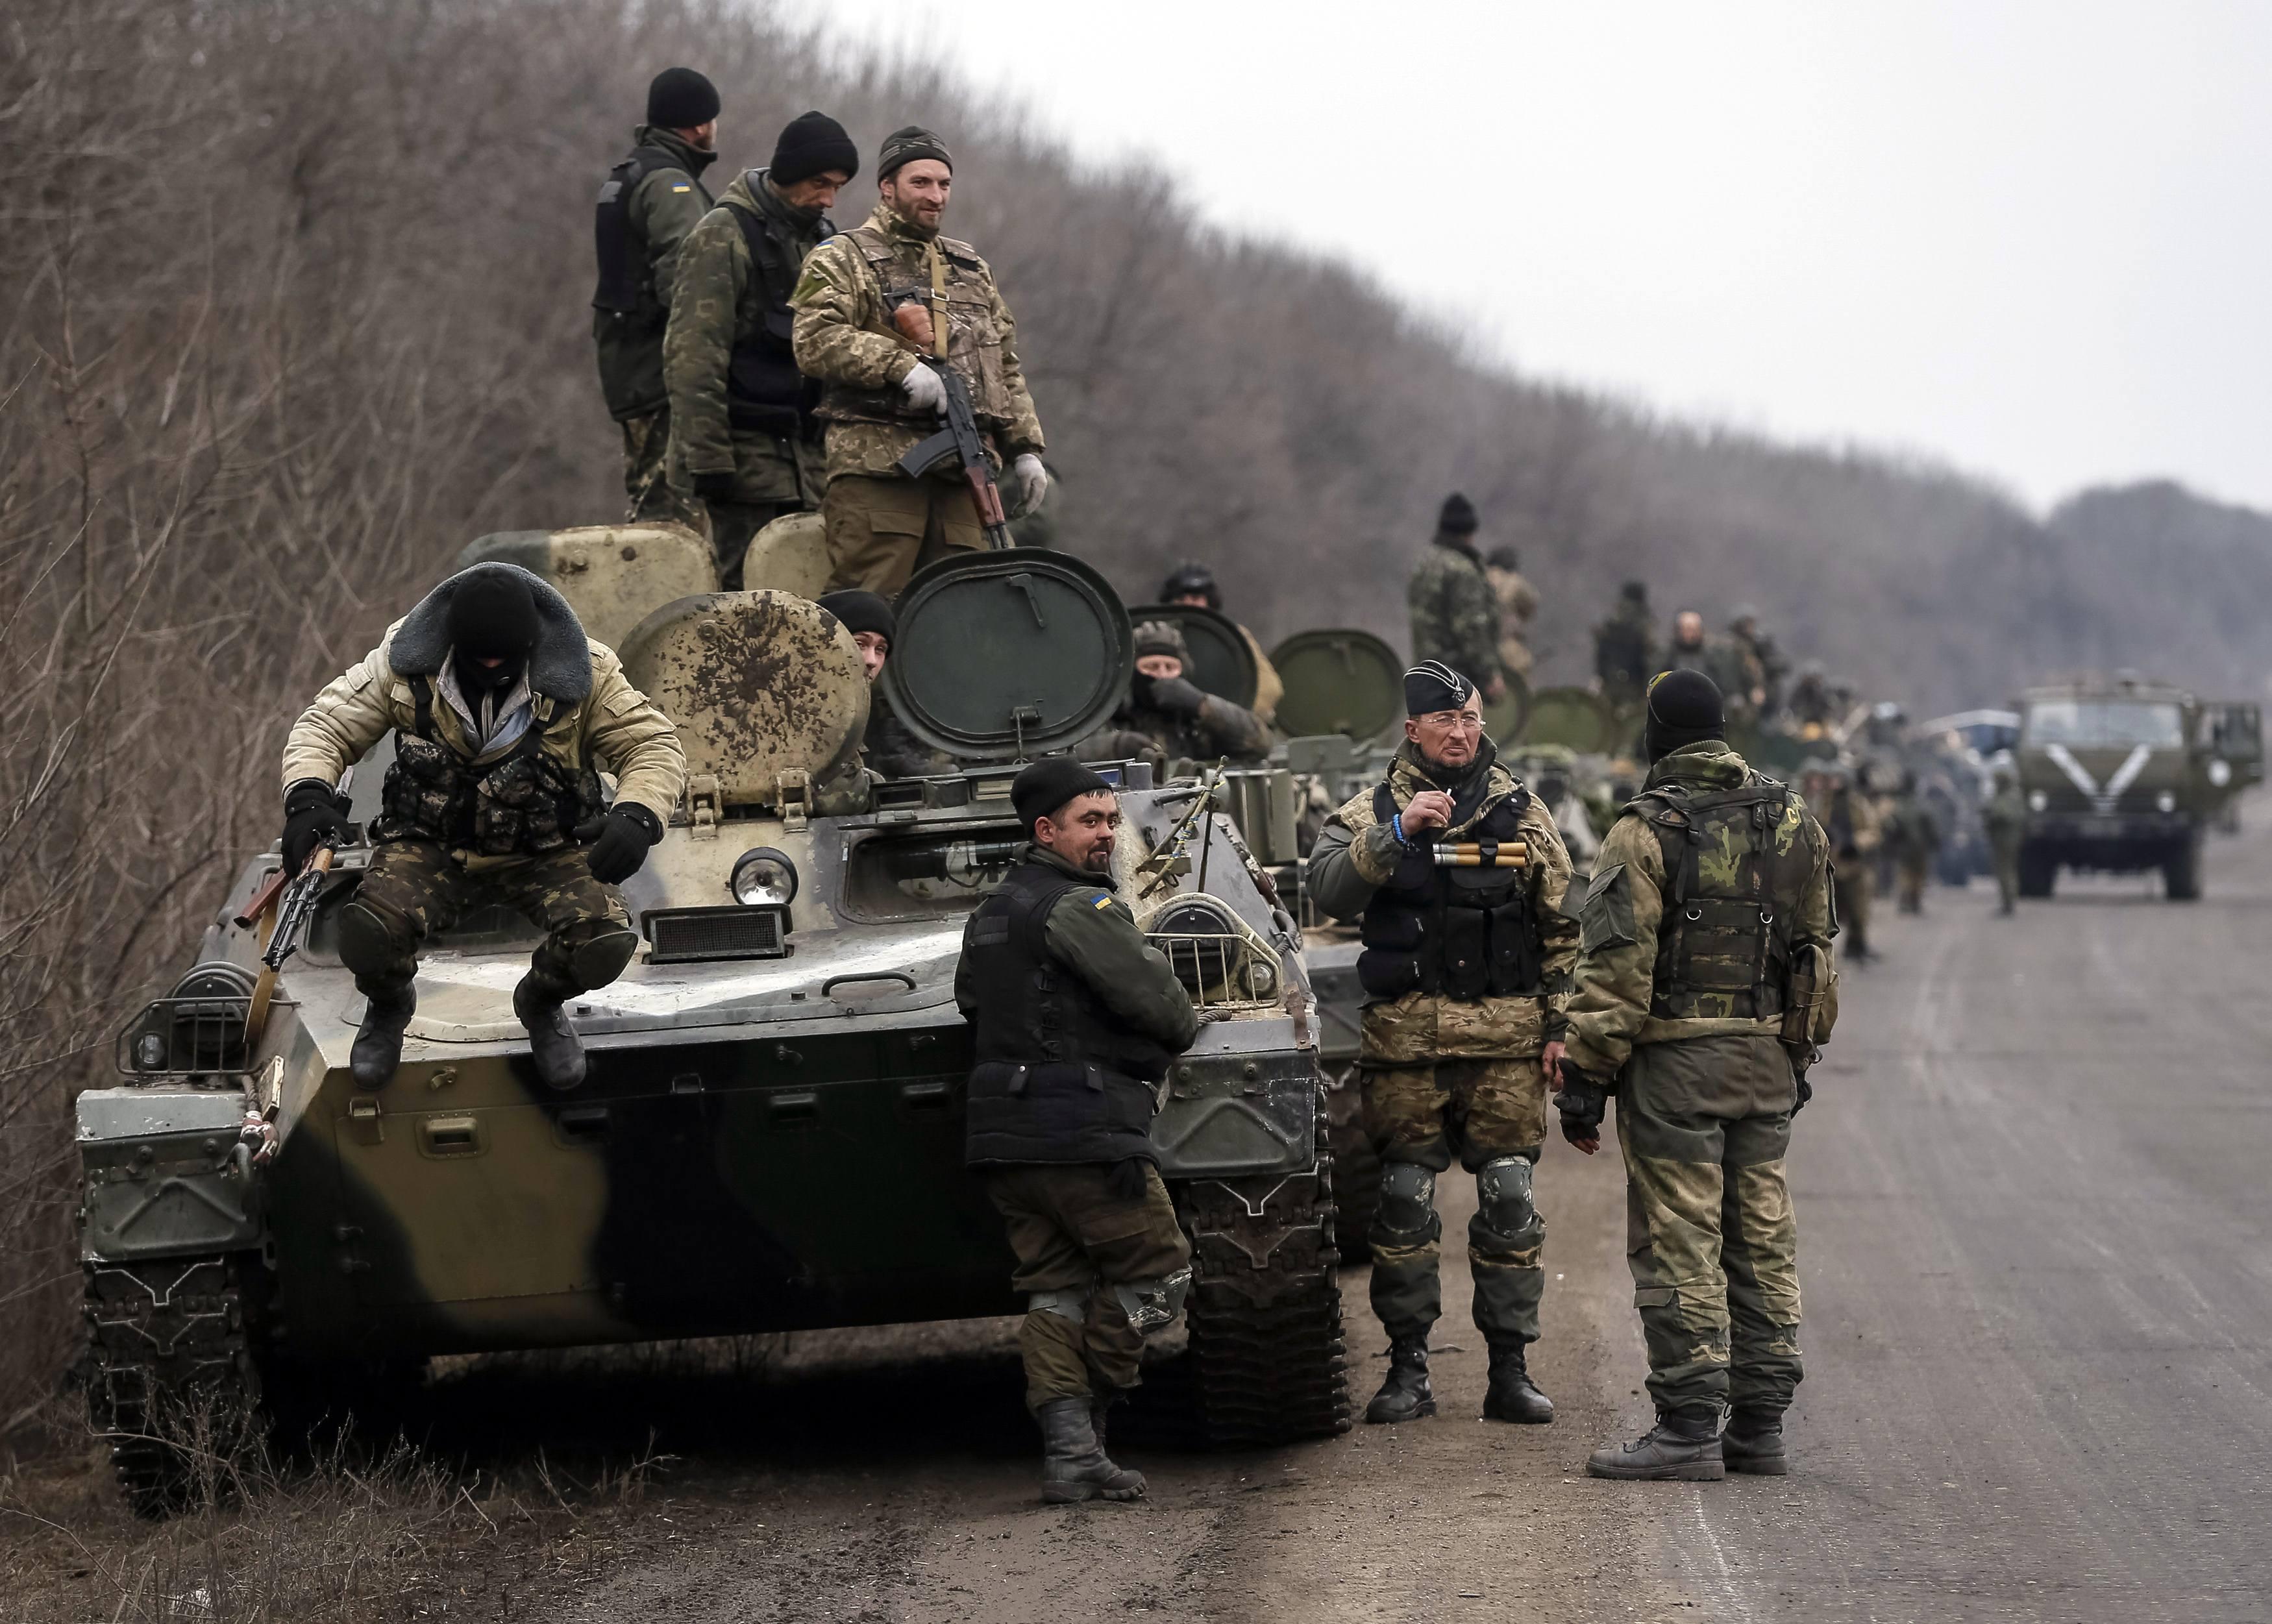 Украинская армия готова к отводу тяжелого вооружения, ждет приказа: опубликованы фото